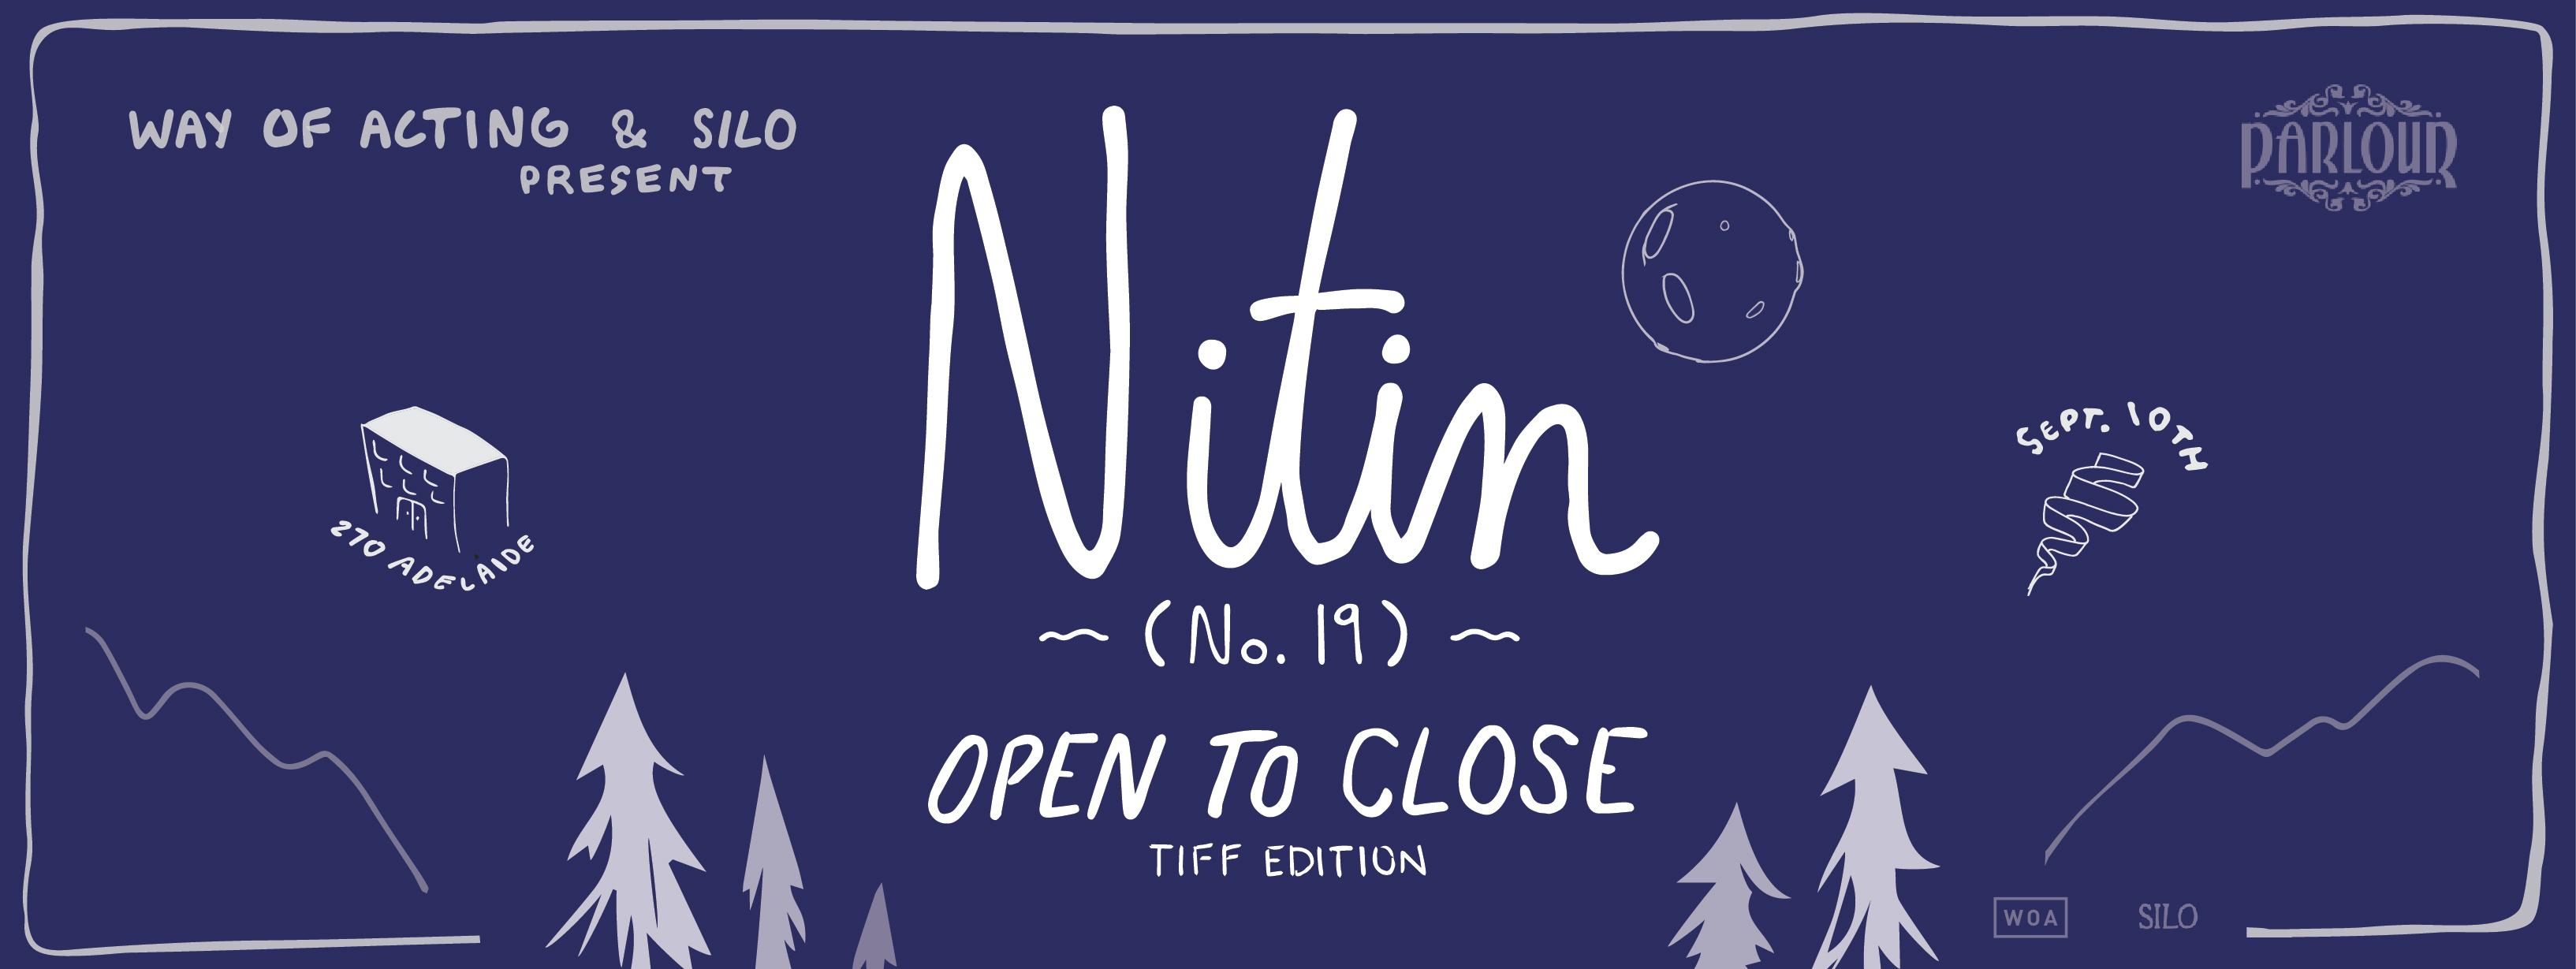 Nitin-Bannerv2-FINAL-01-2